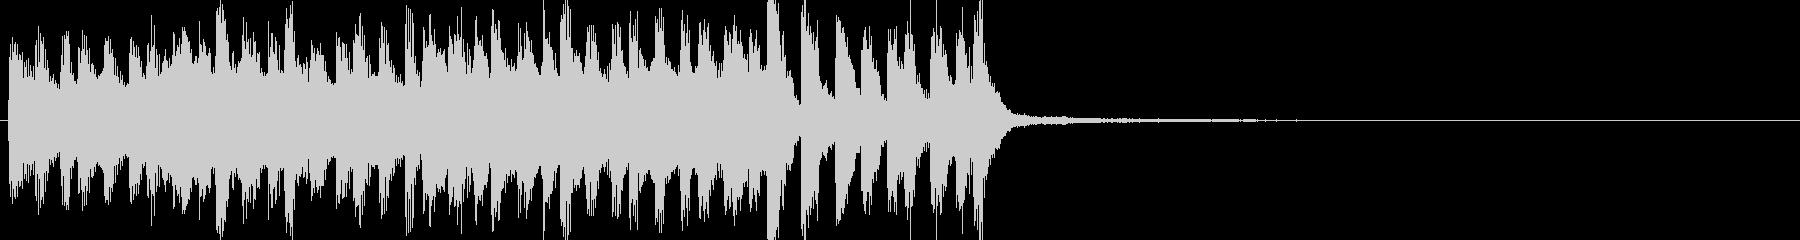 勢いのある電子音ジングルの未再生の波形